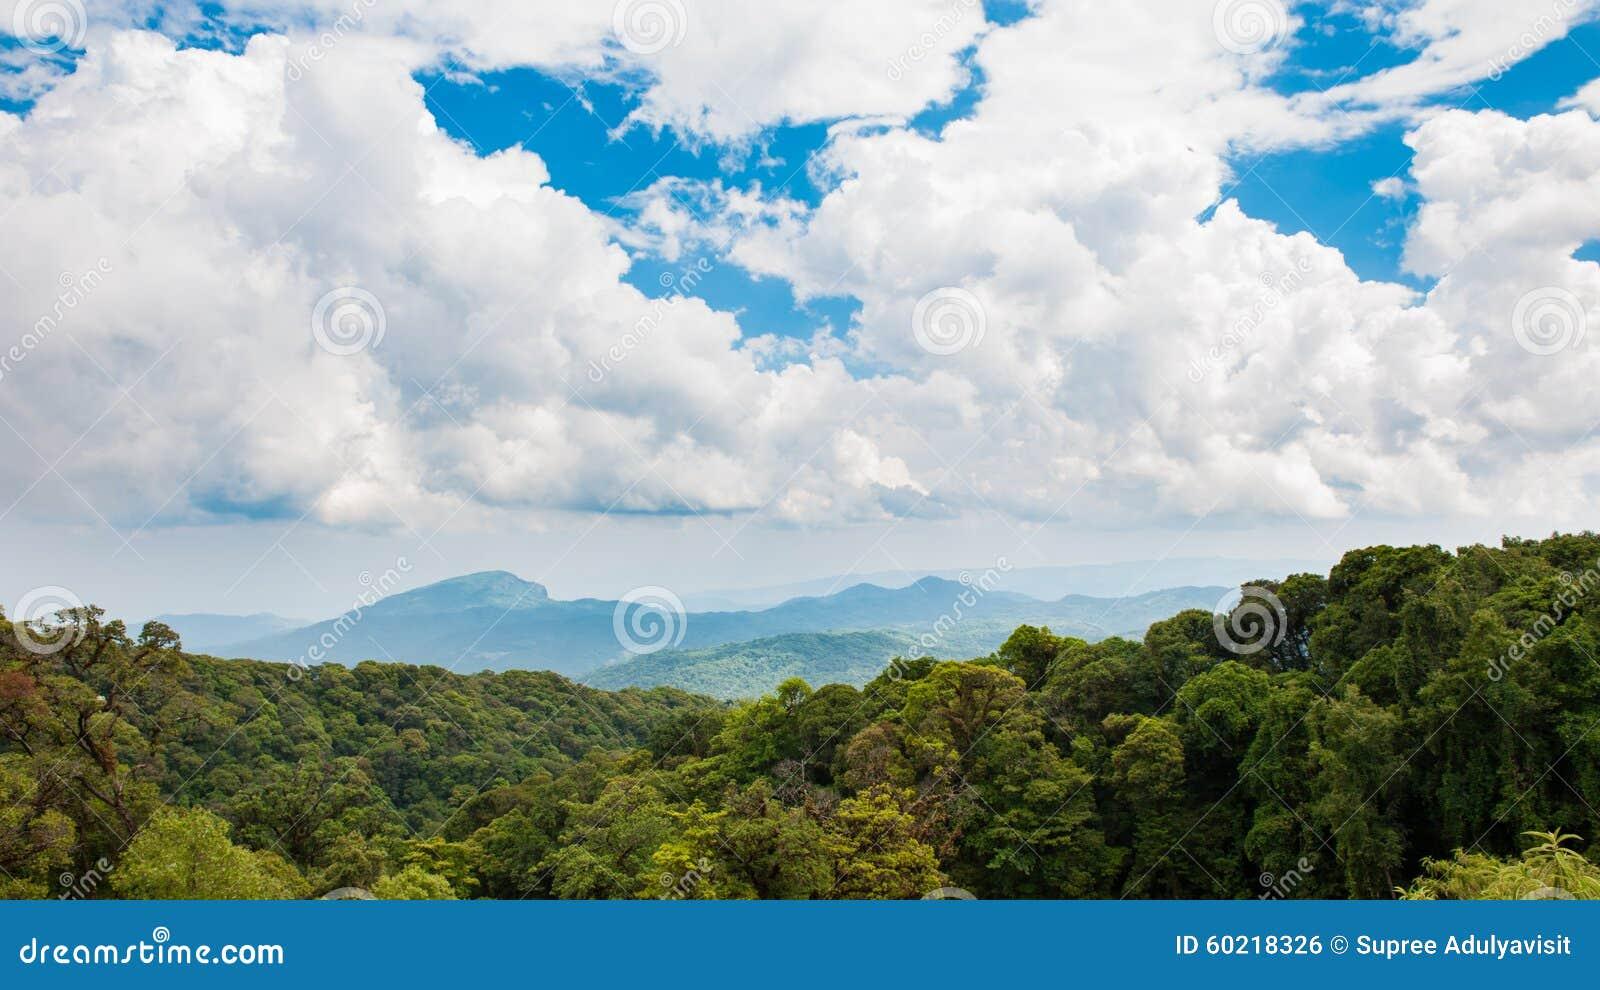 哹�-yol_天空森林哹n分享展示